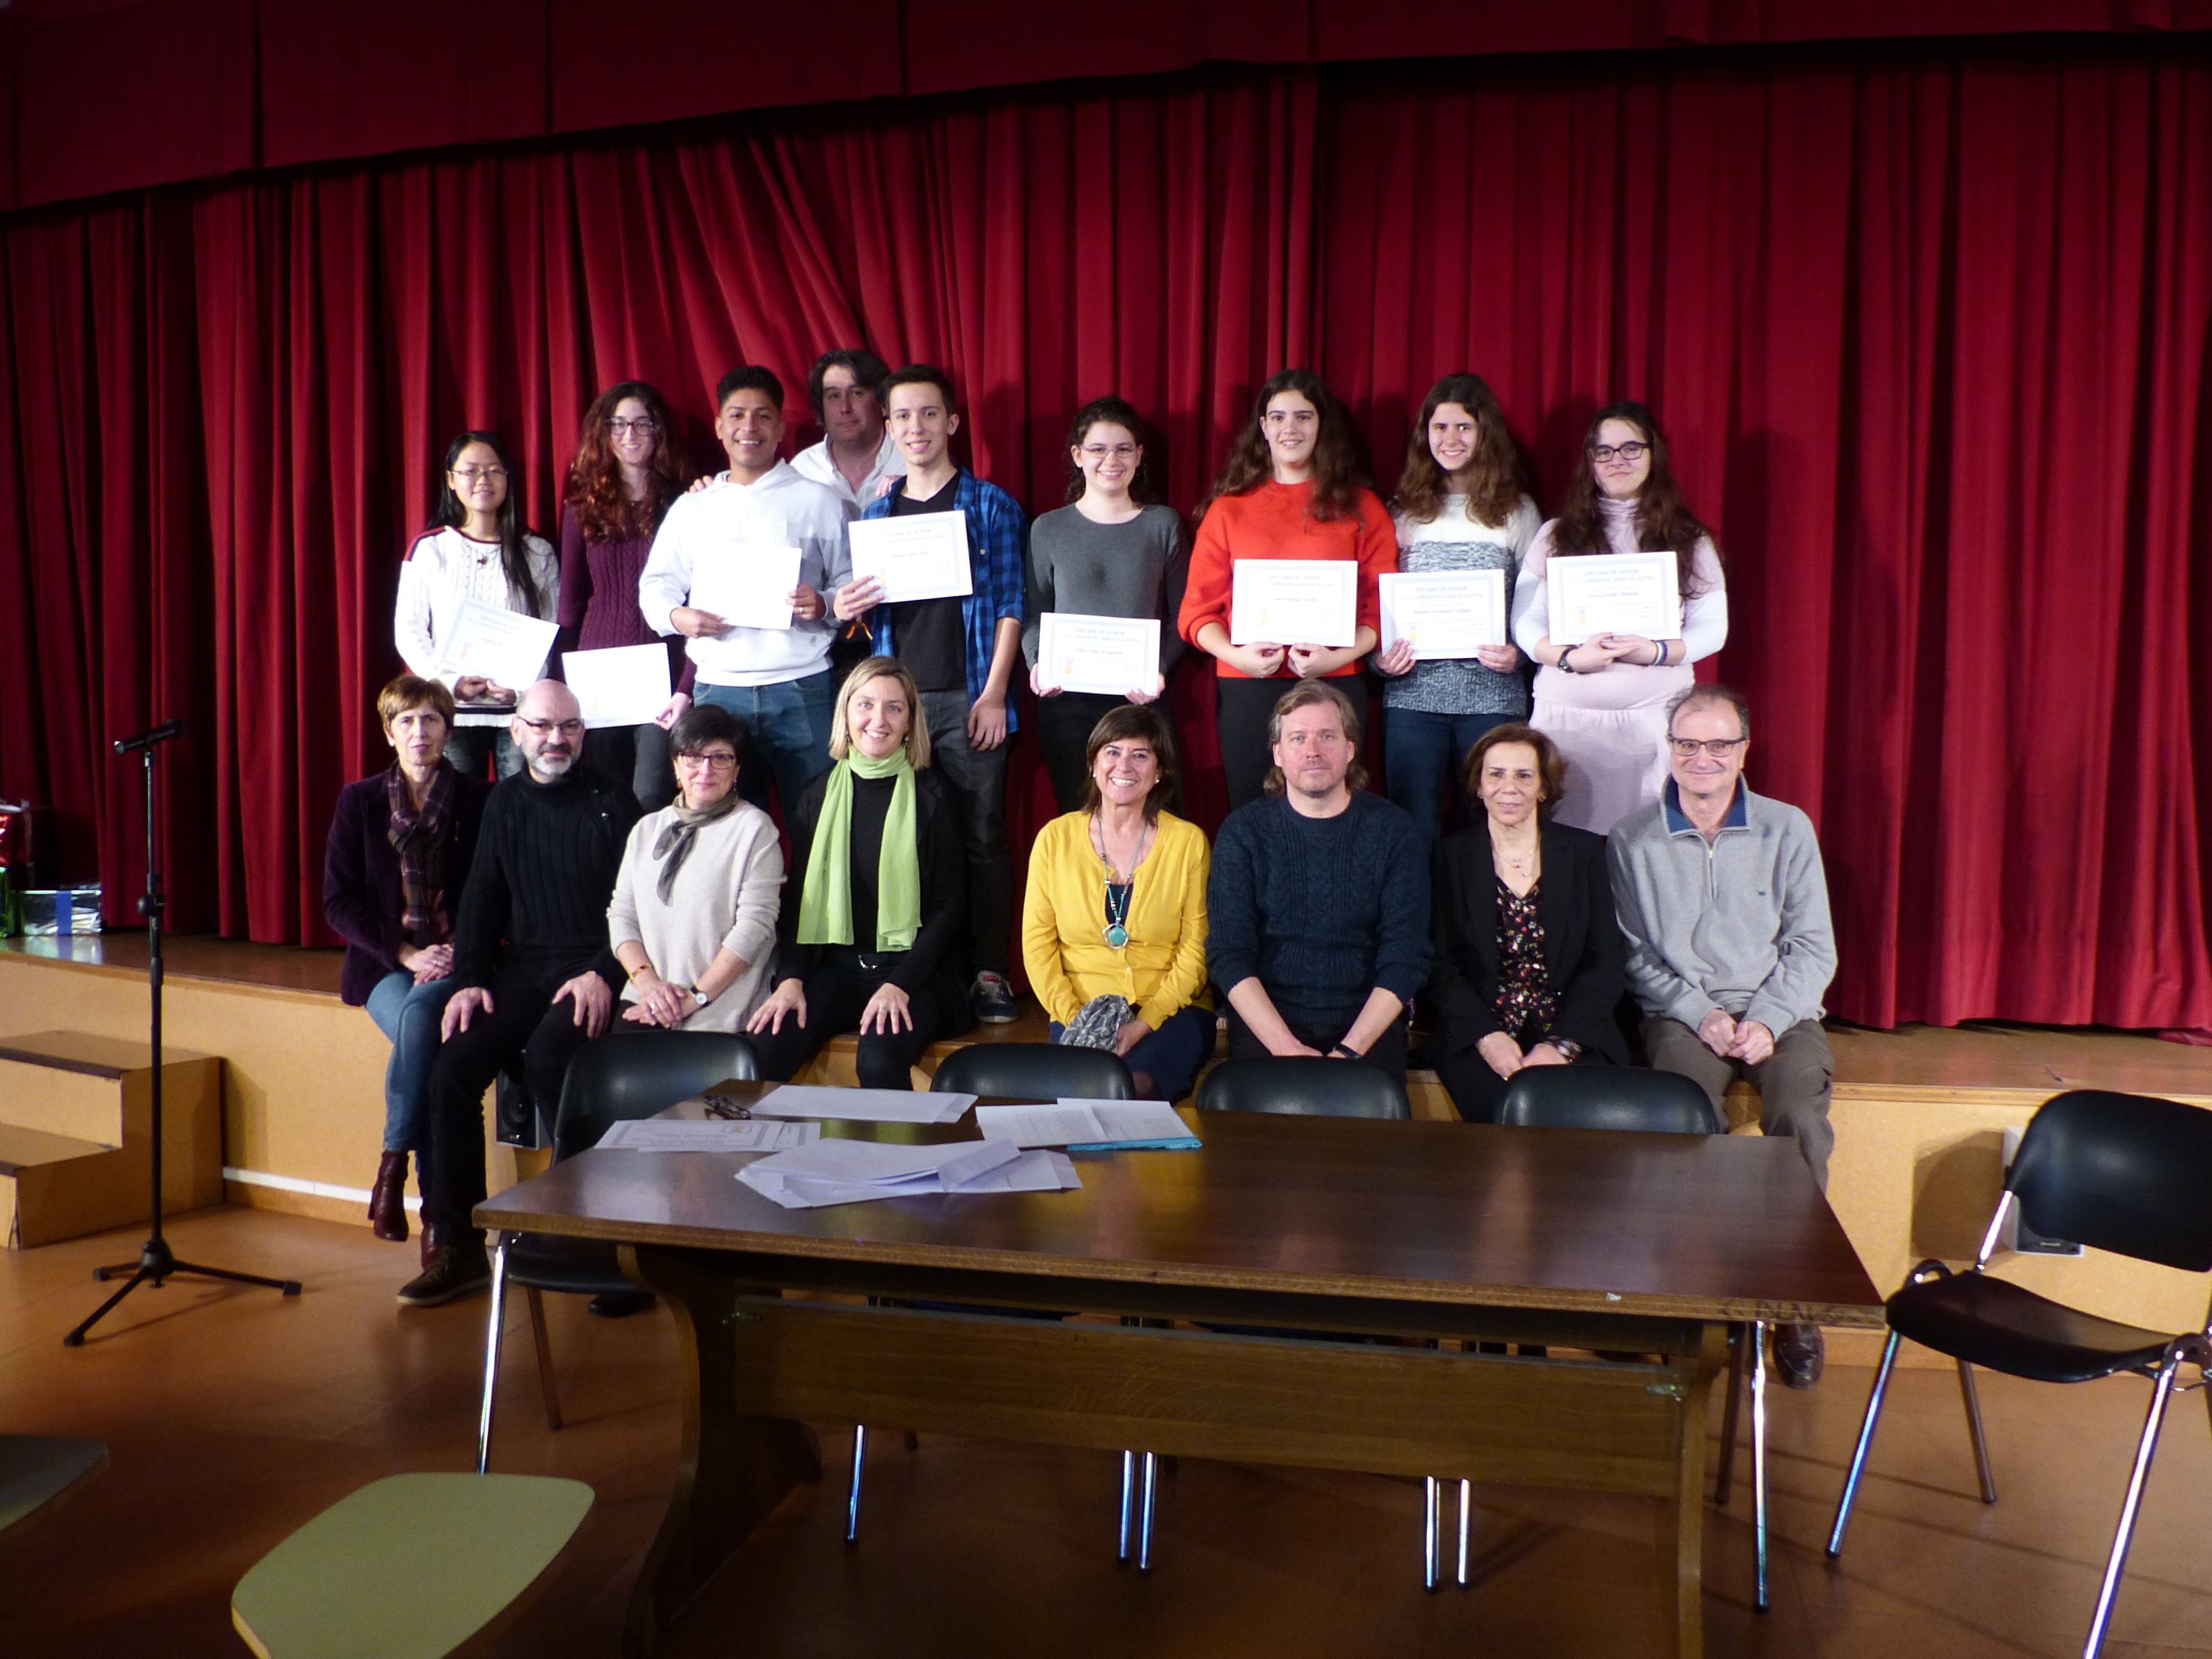 Acto Entrega Diplomas Menciones Honoríficas curso 2017-2018 6